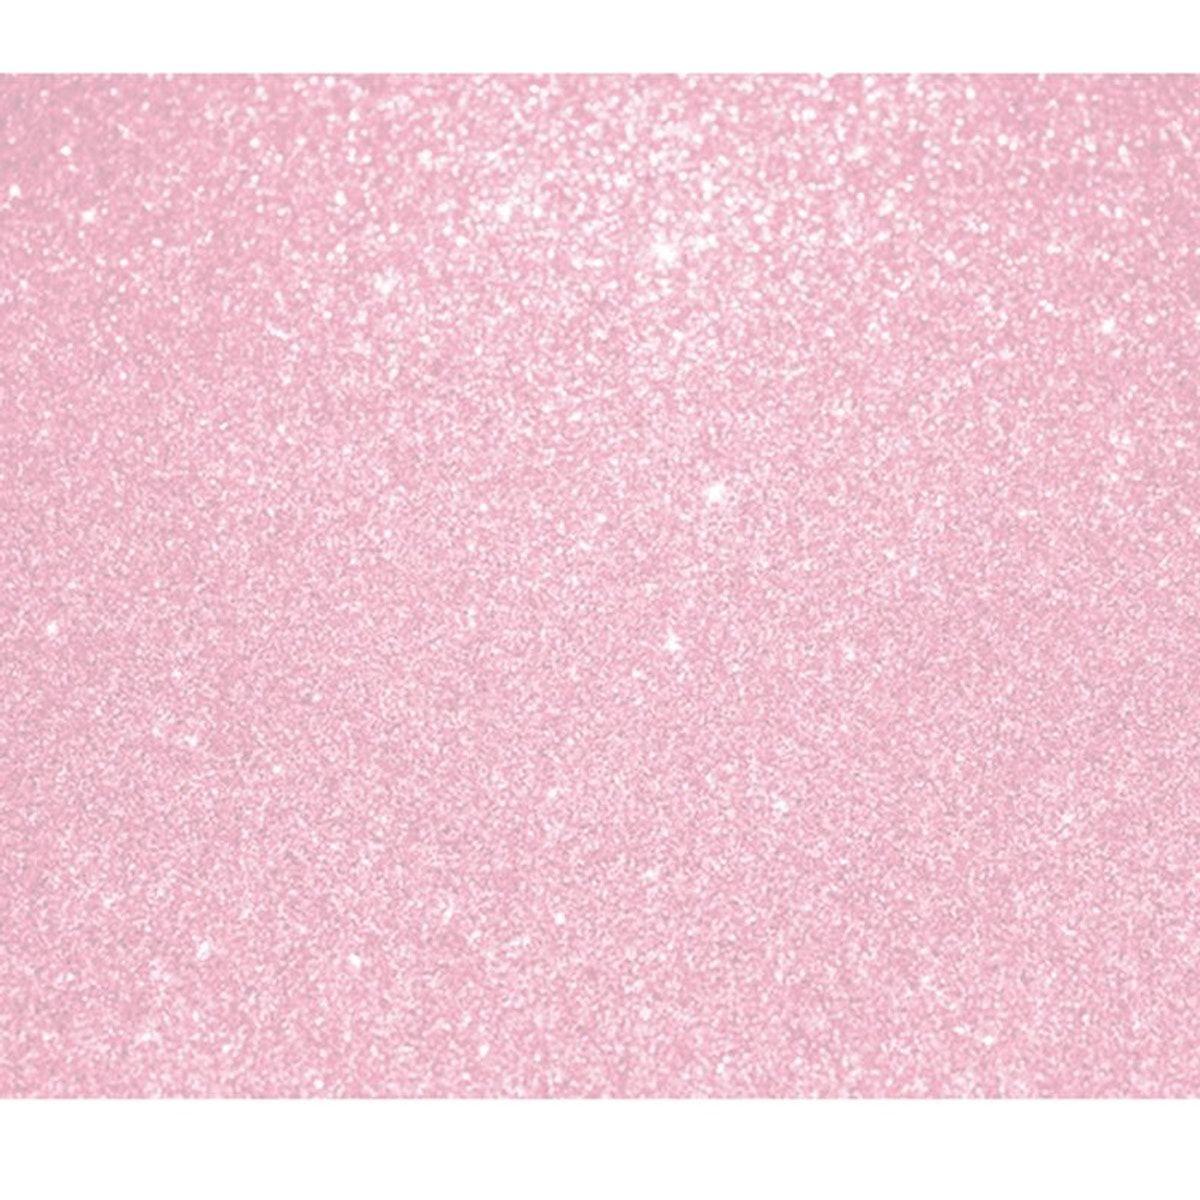 Rouleau d/'adhésif décoratif pailleté rose 45 x 150 cm